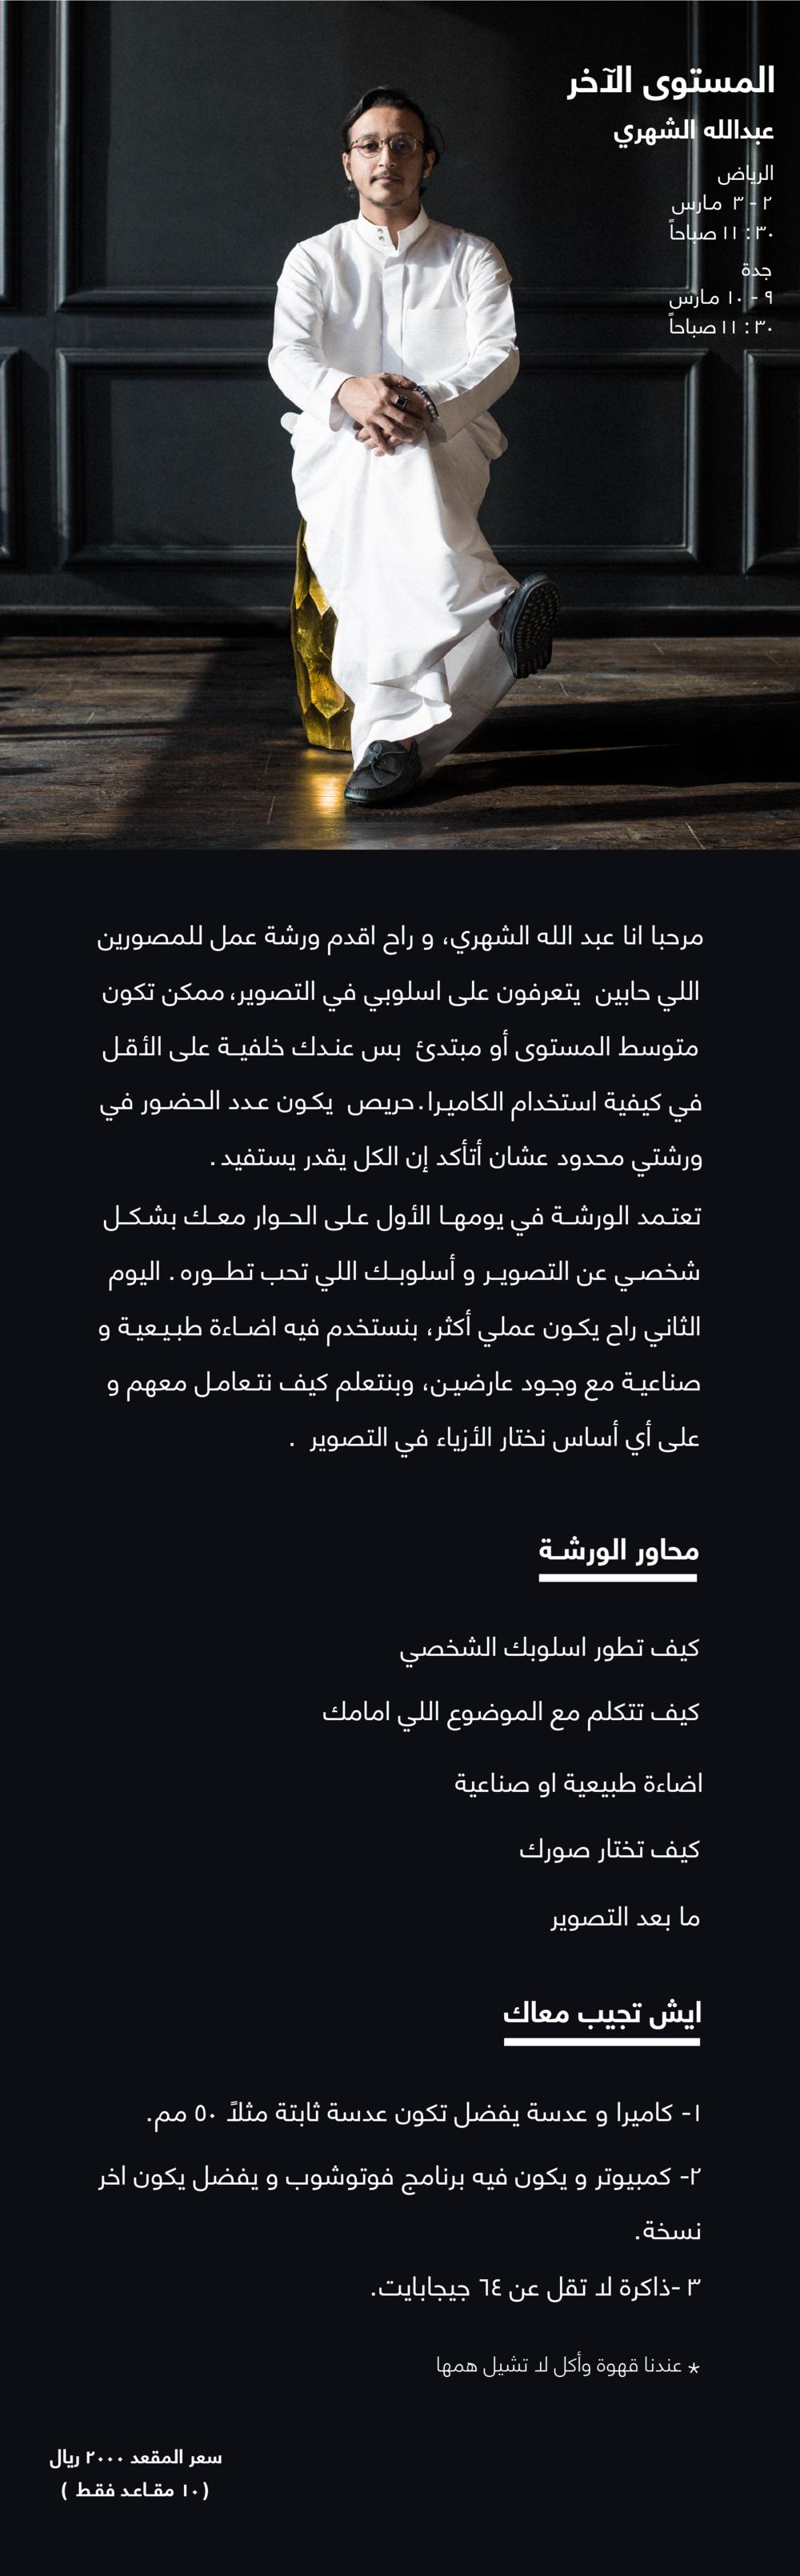 abdullah's workshop.png